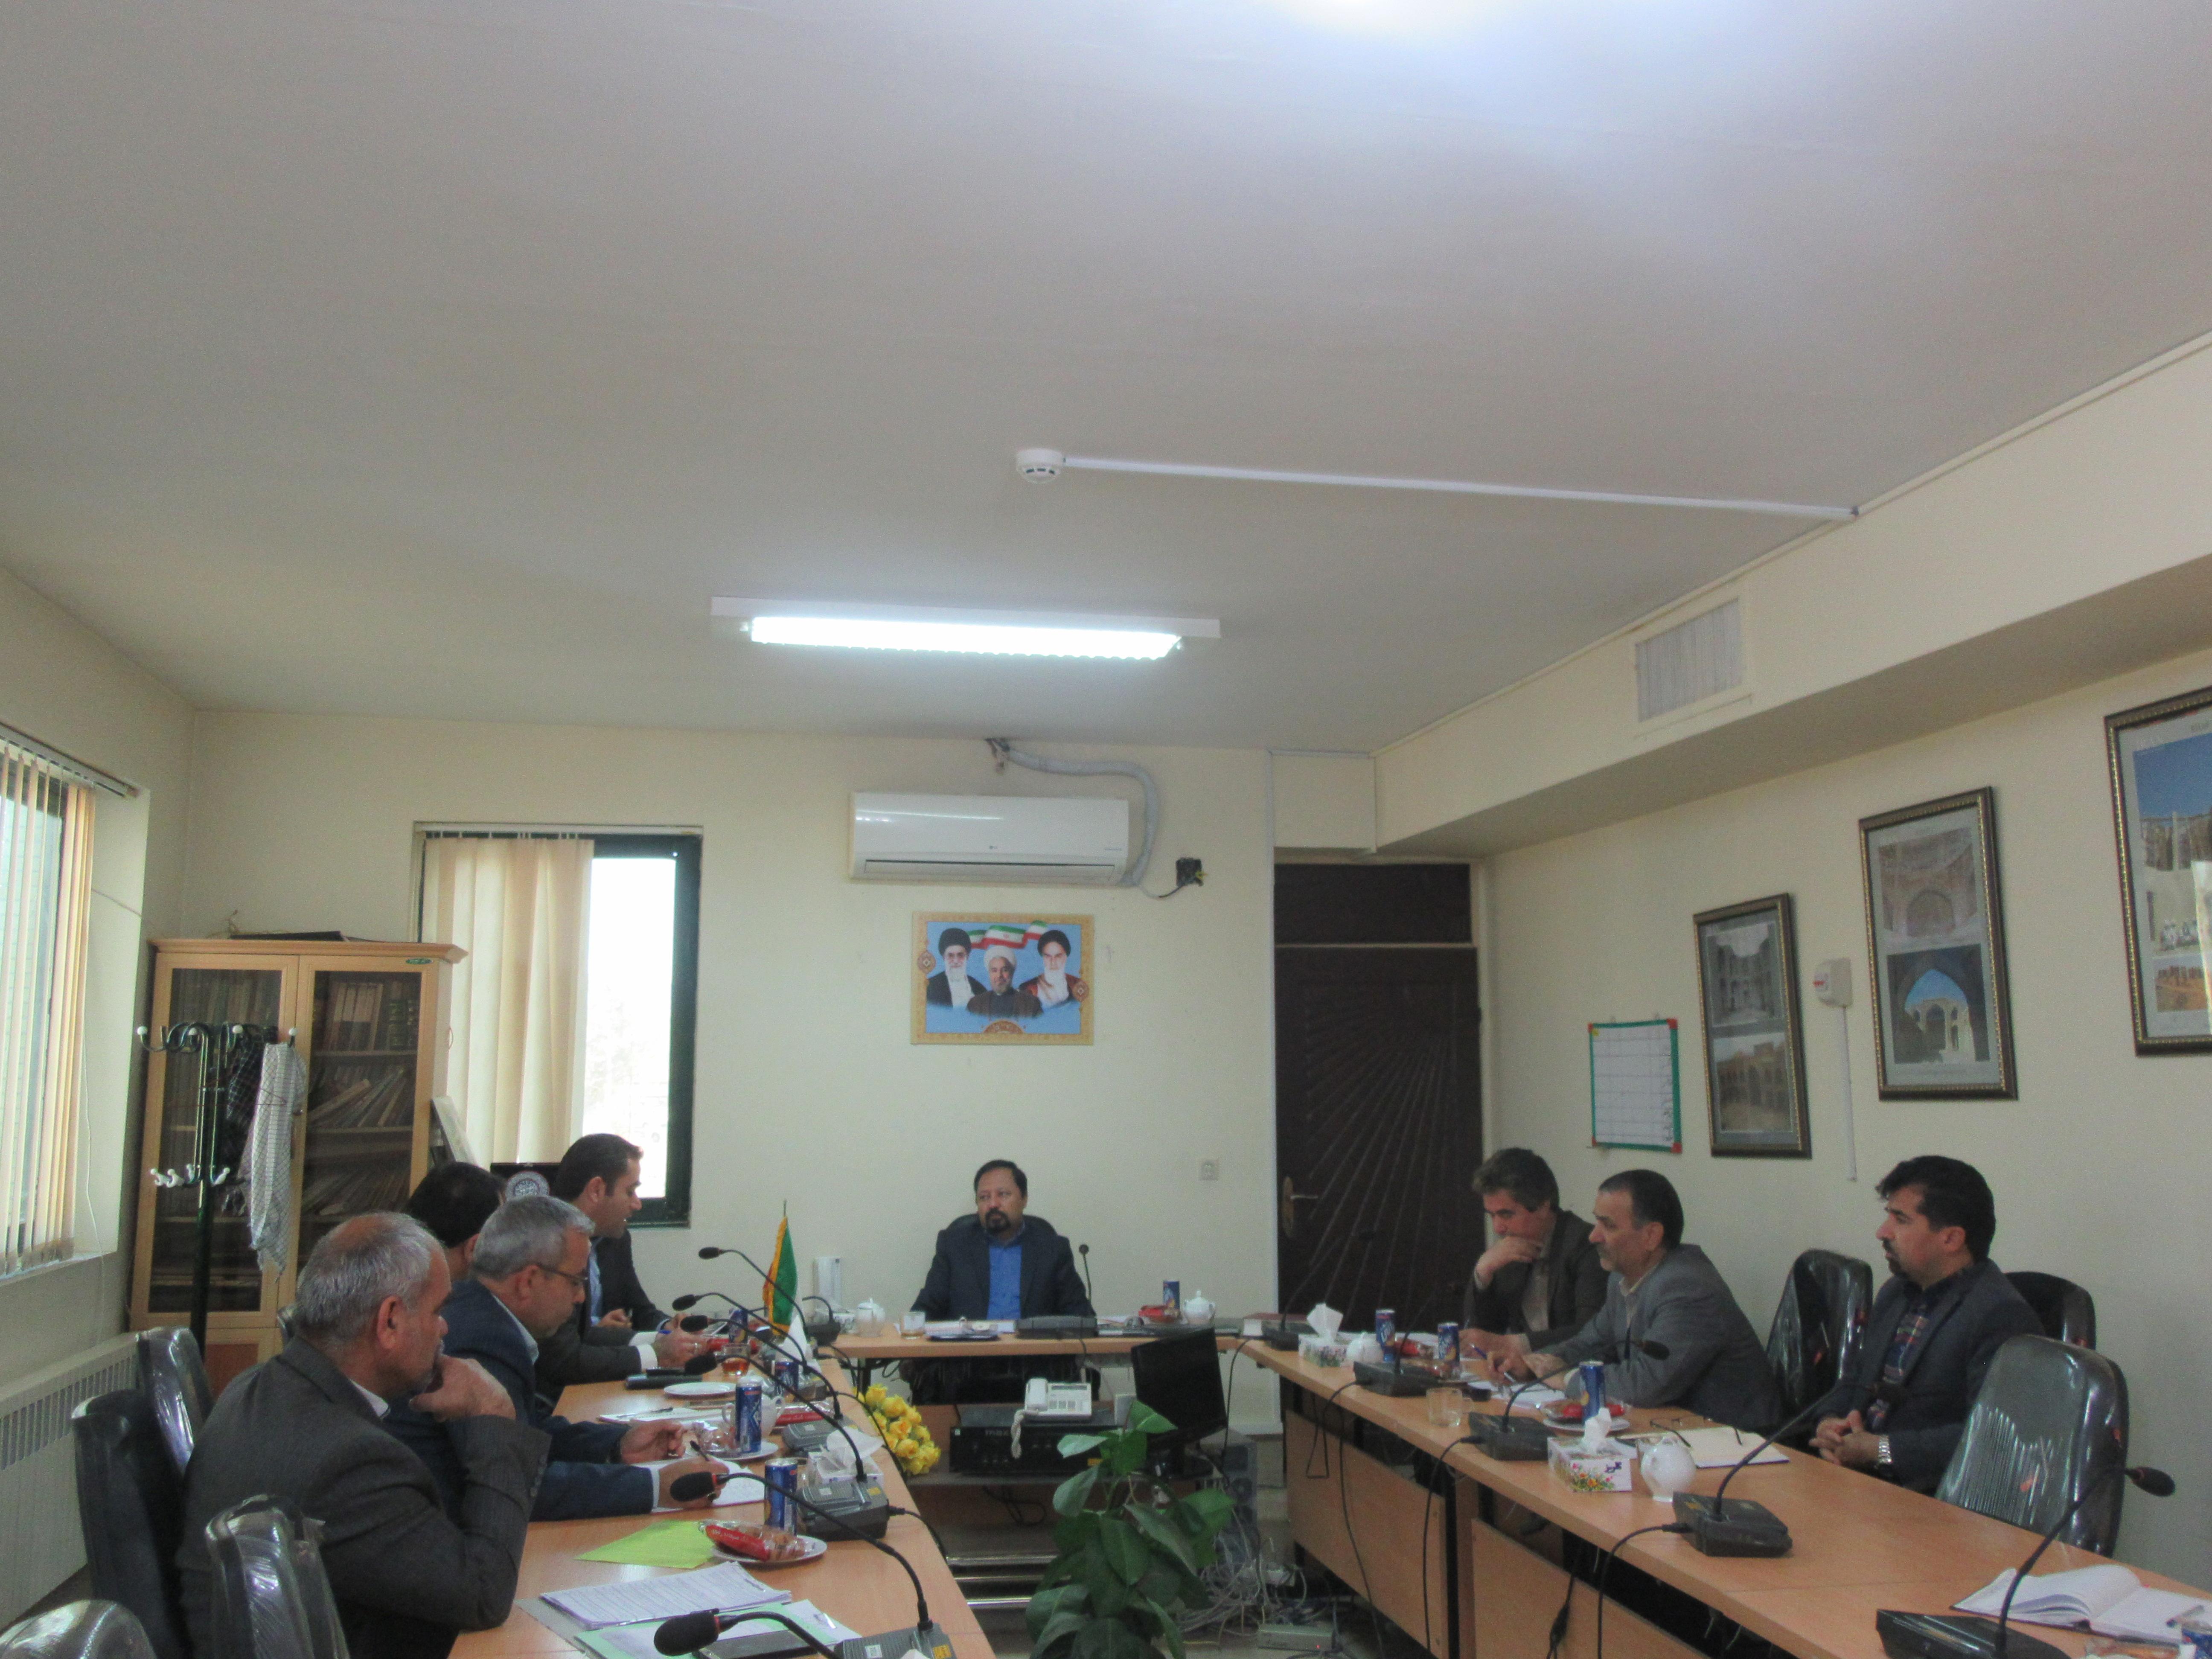 سرپرست فرمانداری شهرستان خواف : کنترل و نظارت بر فعالیت نانوایی ها تشدید می شود.